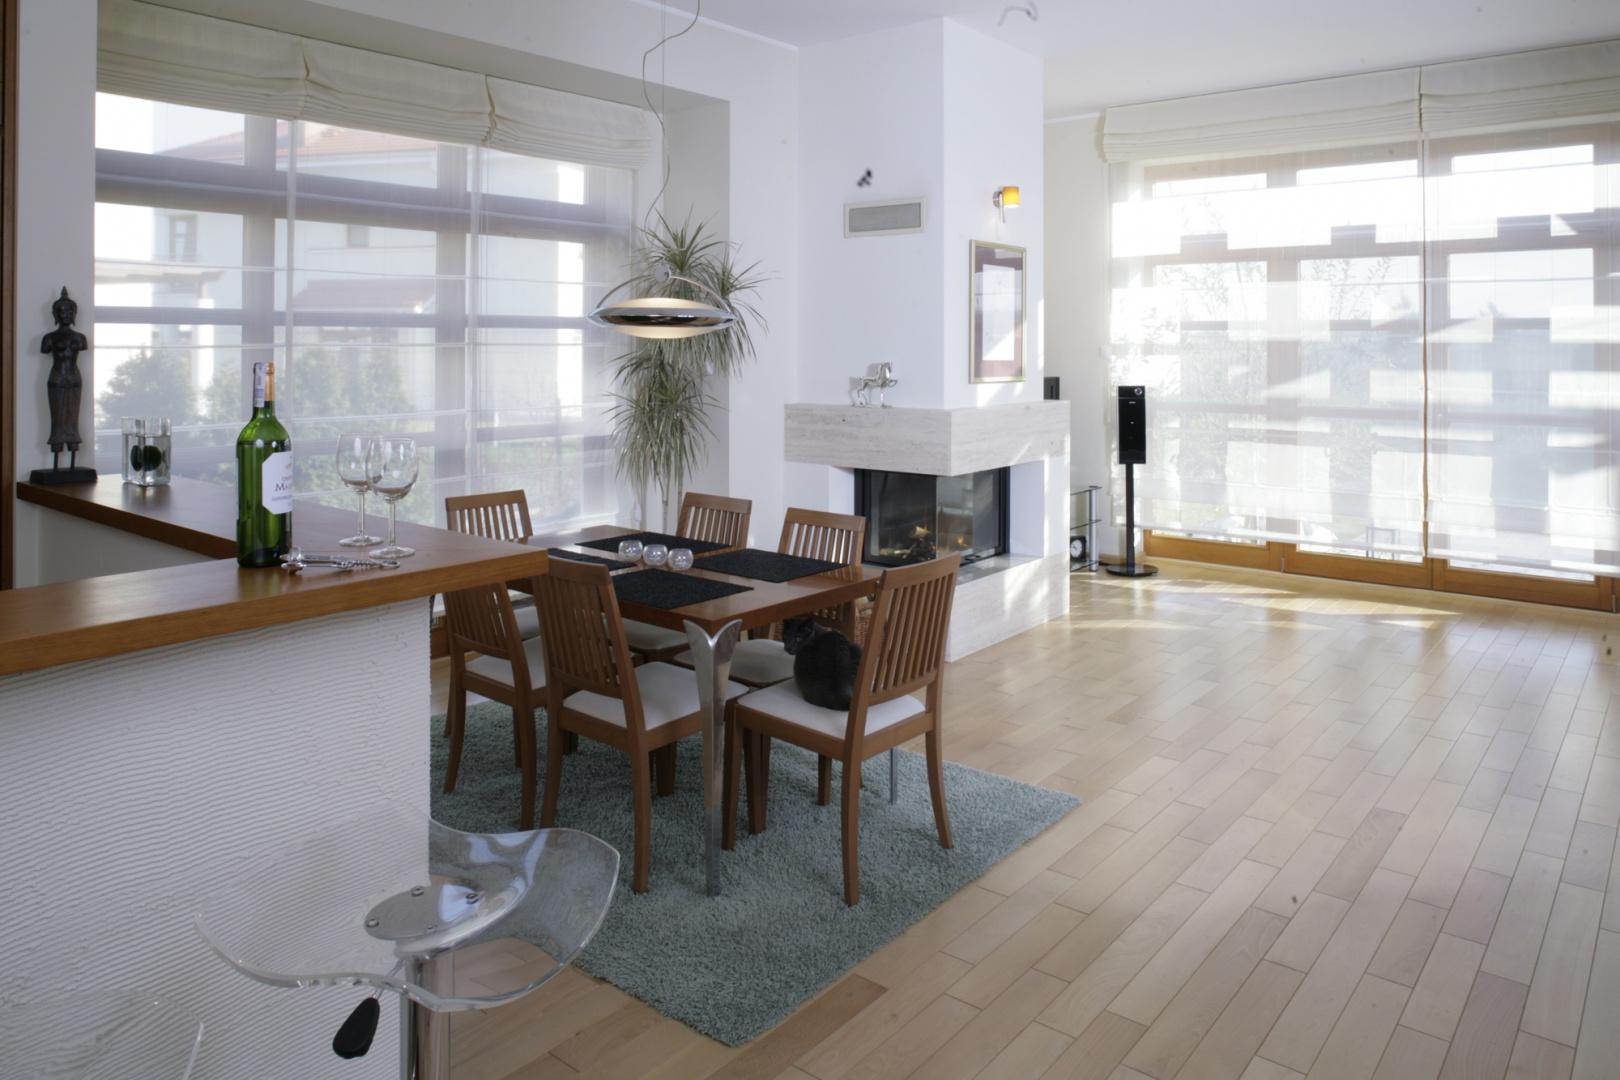 Ogromne okna sprawiają, że wnętrze jest bardzo jasne i przestronne. Światło dzienne pada na stół jadalniany (BoConcept) ustawiony nieopodal jednego z nich. Krzesła (BoConcept) w tej strefie okazały się bardzo wygodnym posłaniem dla Kocura Księcia. Fot. Monika Filipiuk.